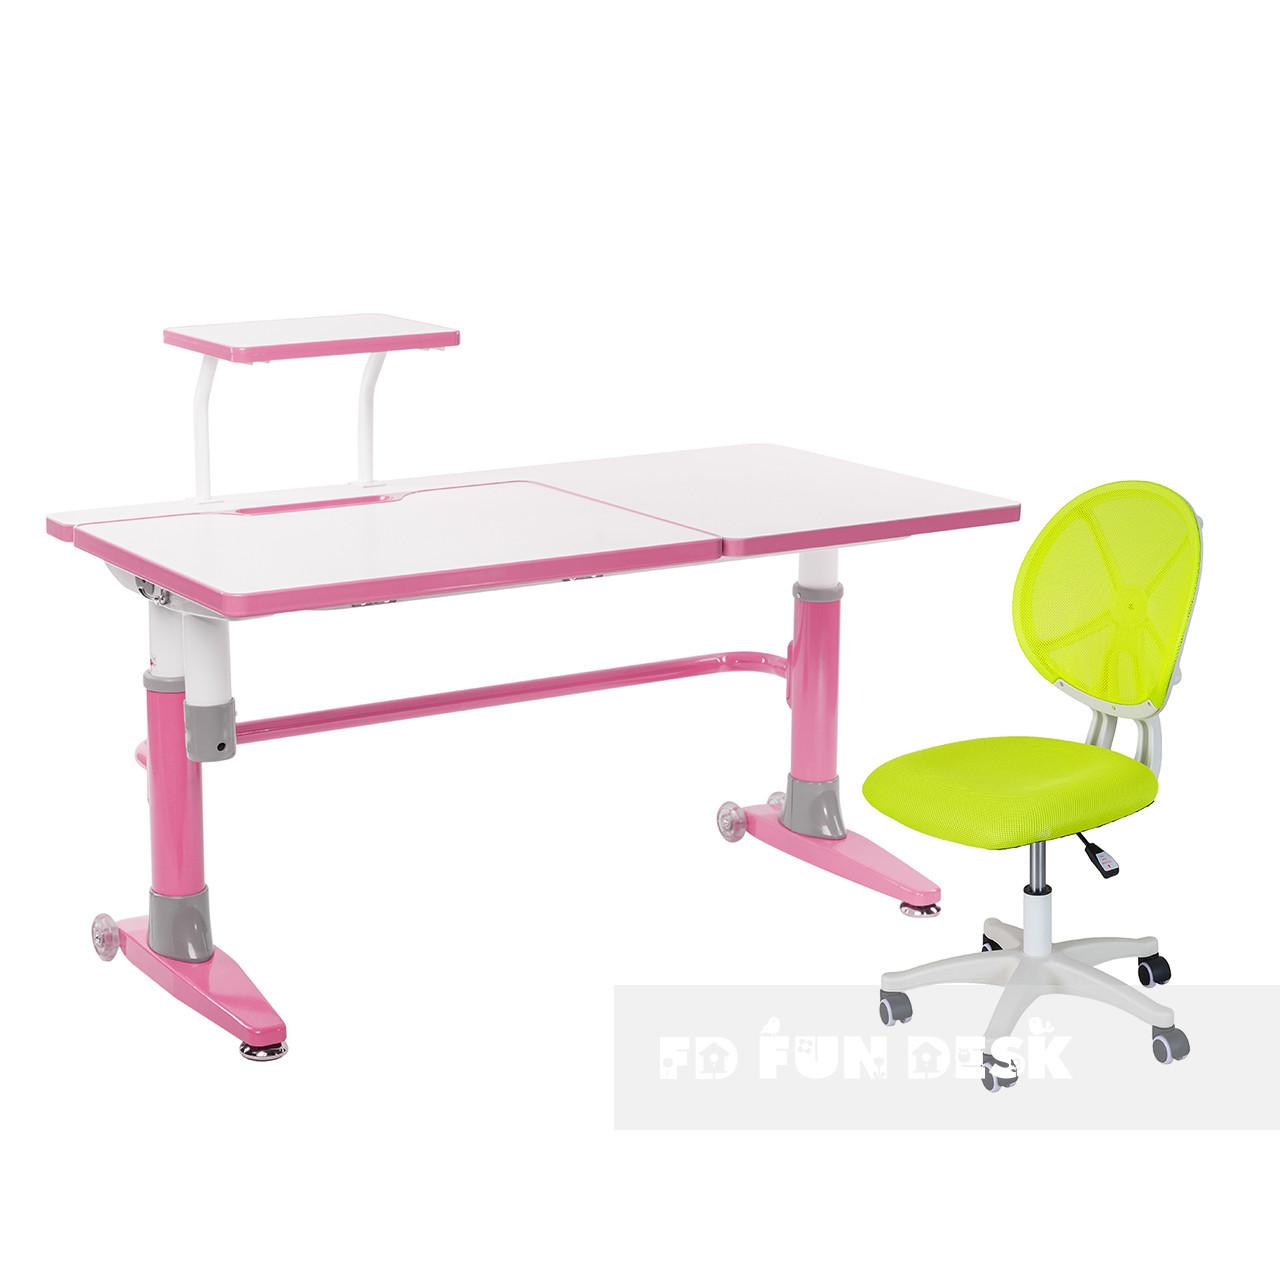 Комплект подростковая парта для школы Ballare Pink + детское кресло для школьника LST1 Green FunDesk